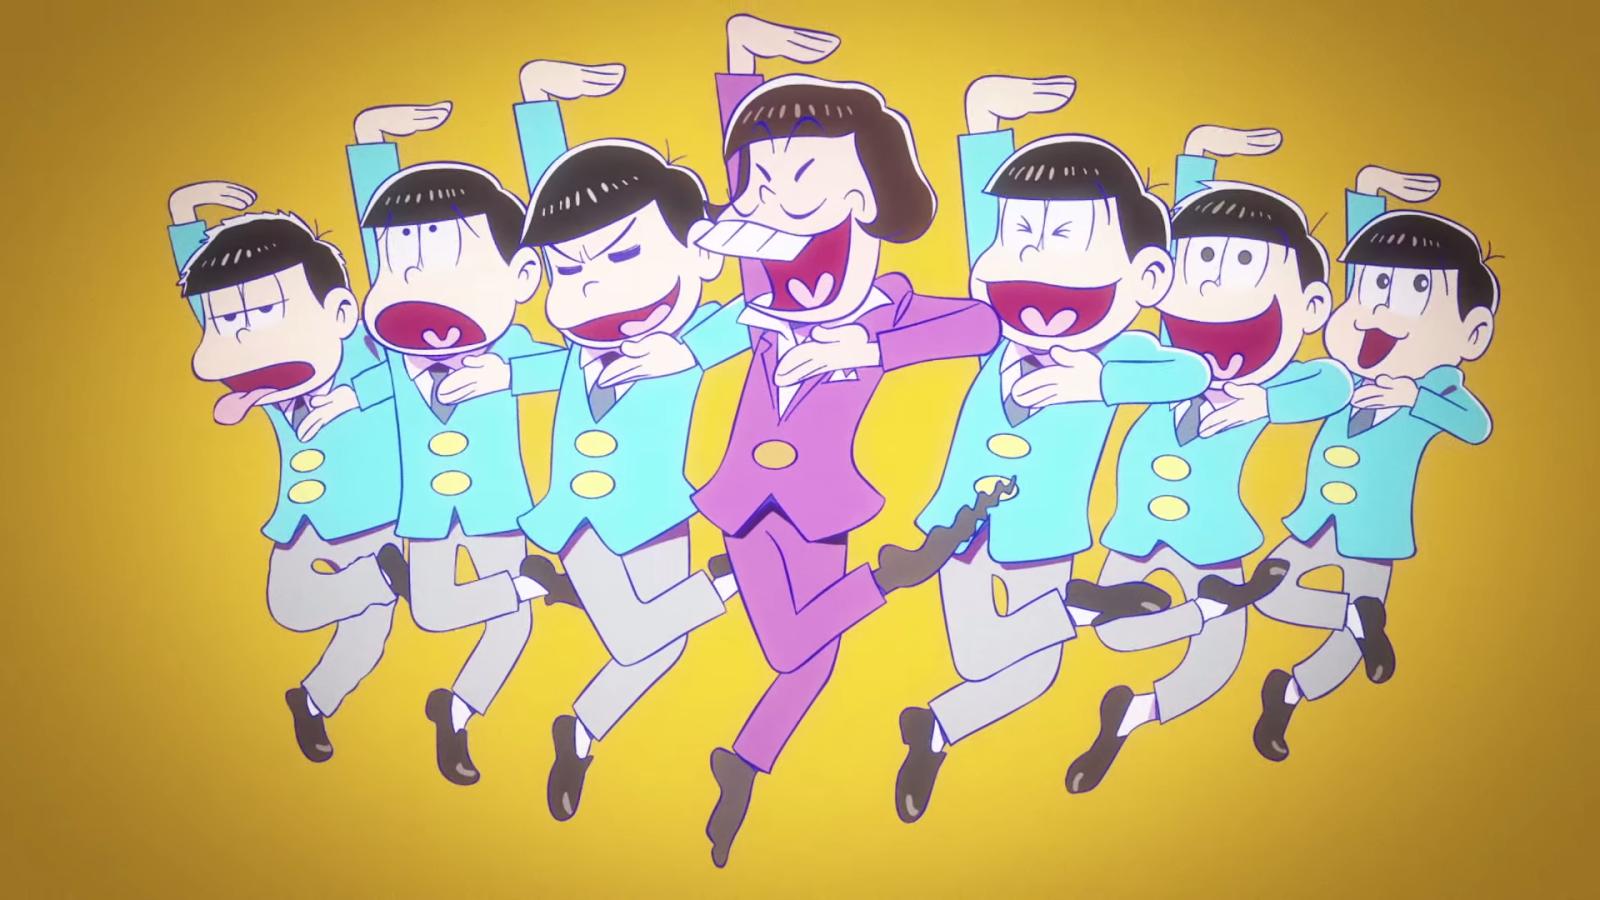 Se confirma segunda temporada delanime Osomatsu san!